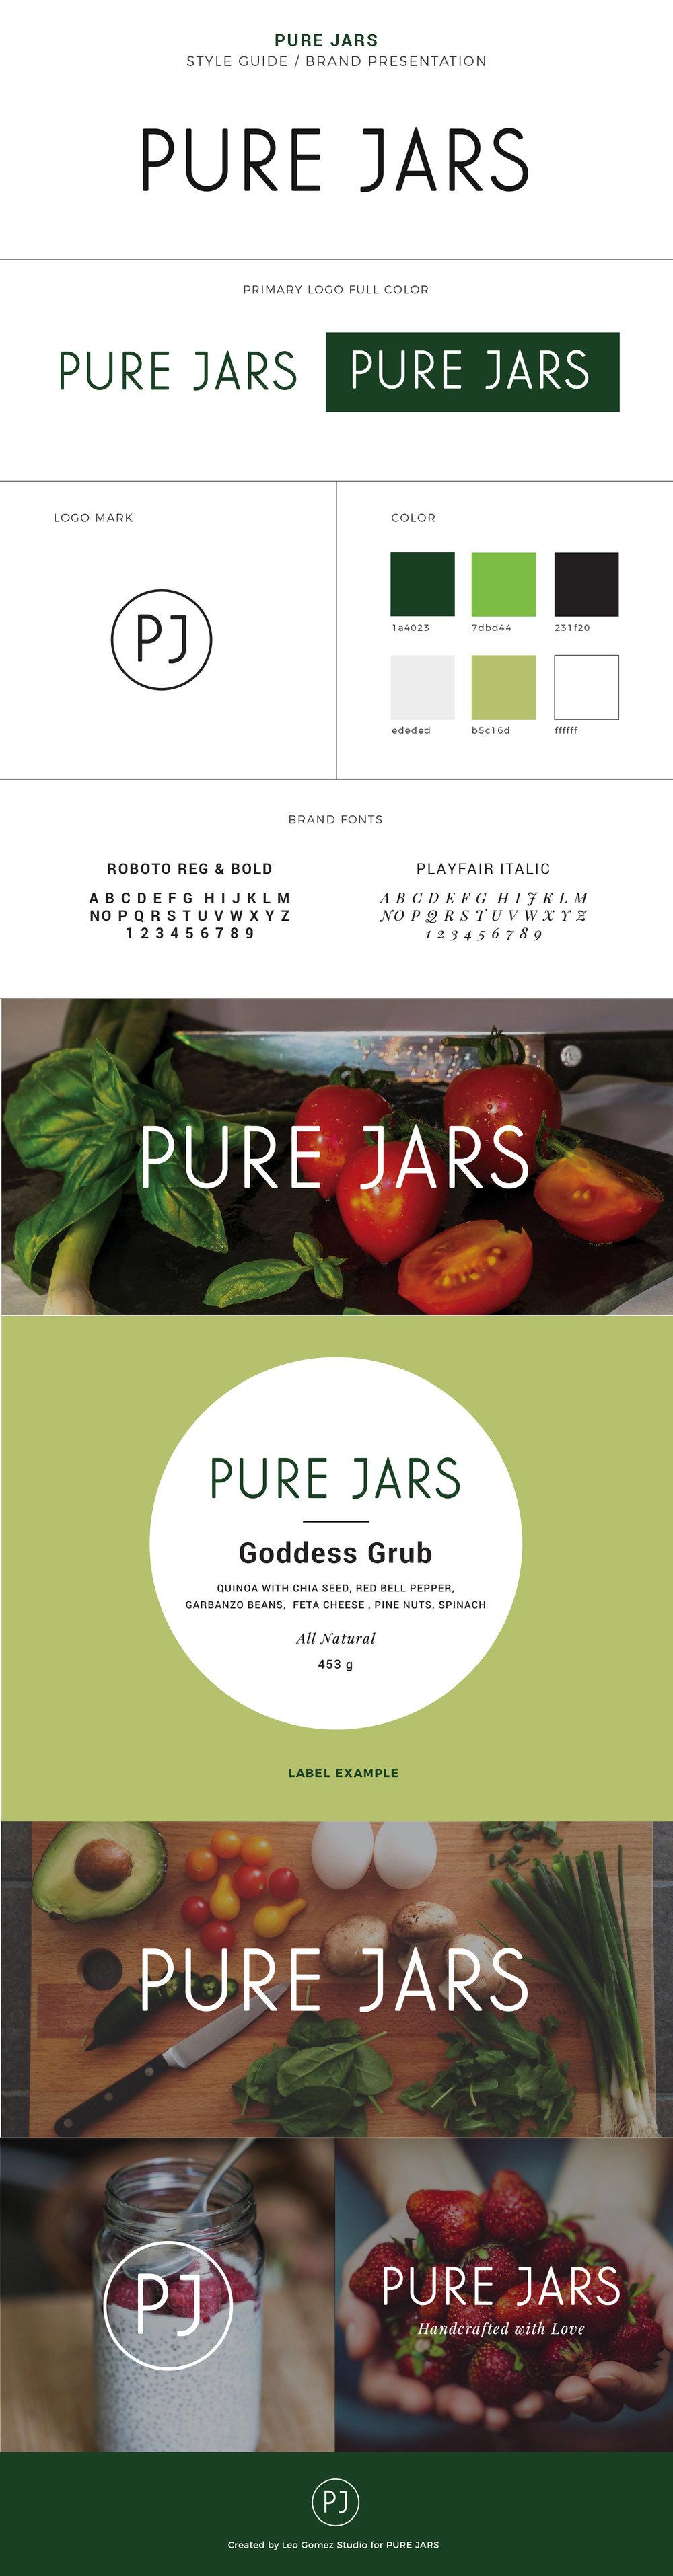 Leo-Gomez-Studio-Pure-Jars-Logo-Guidelines